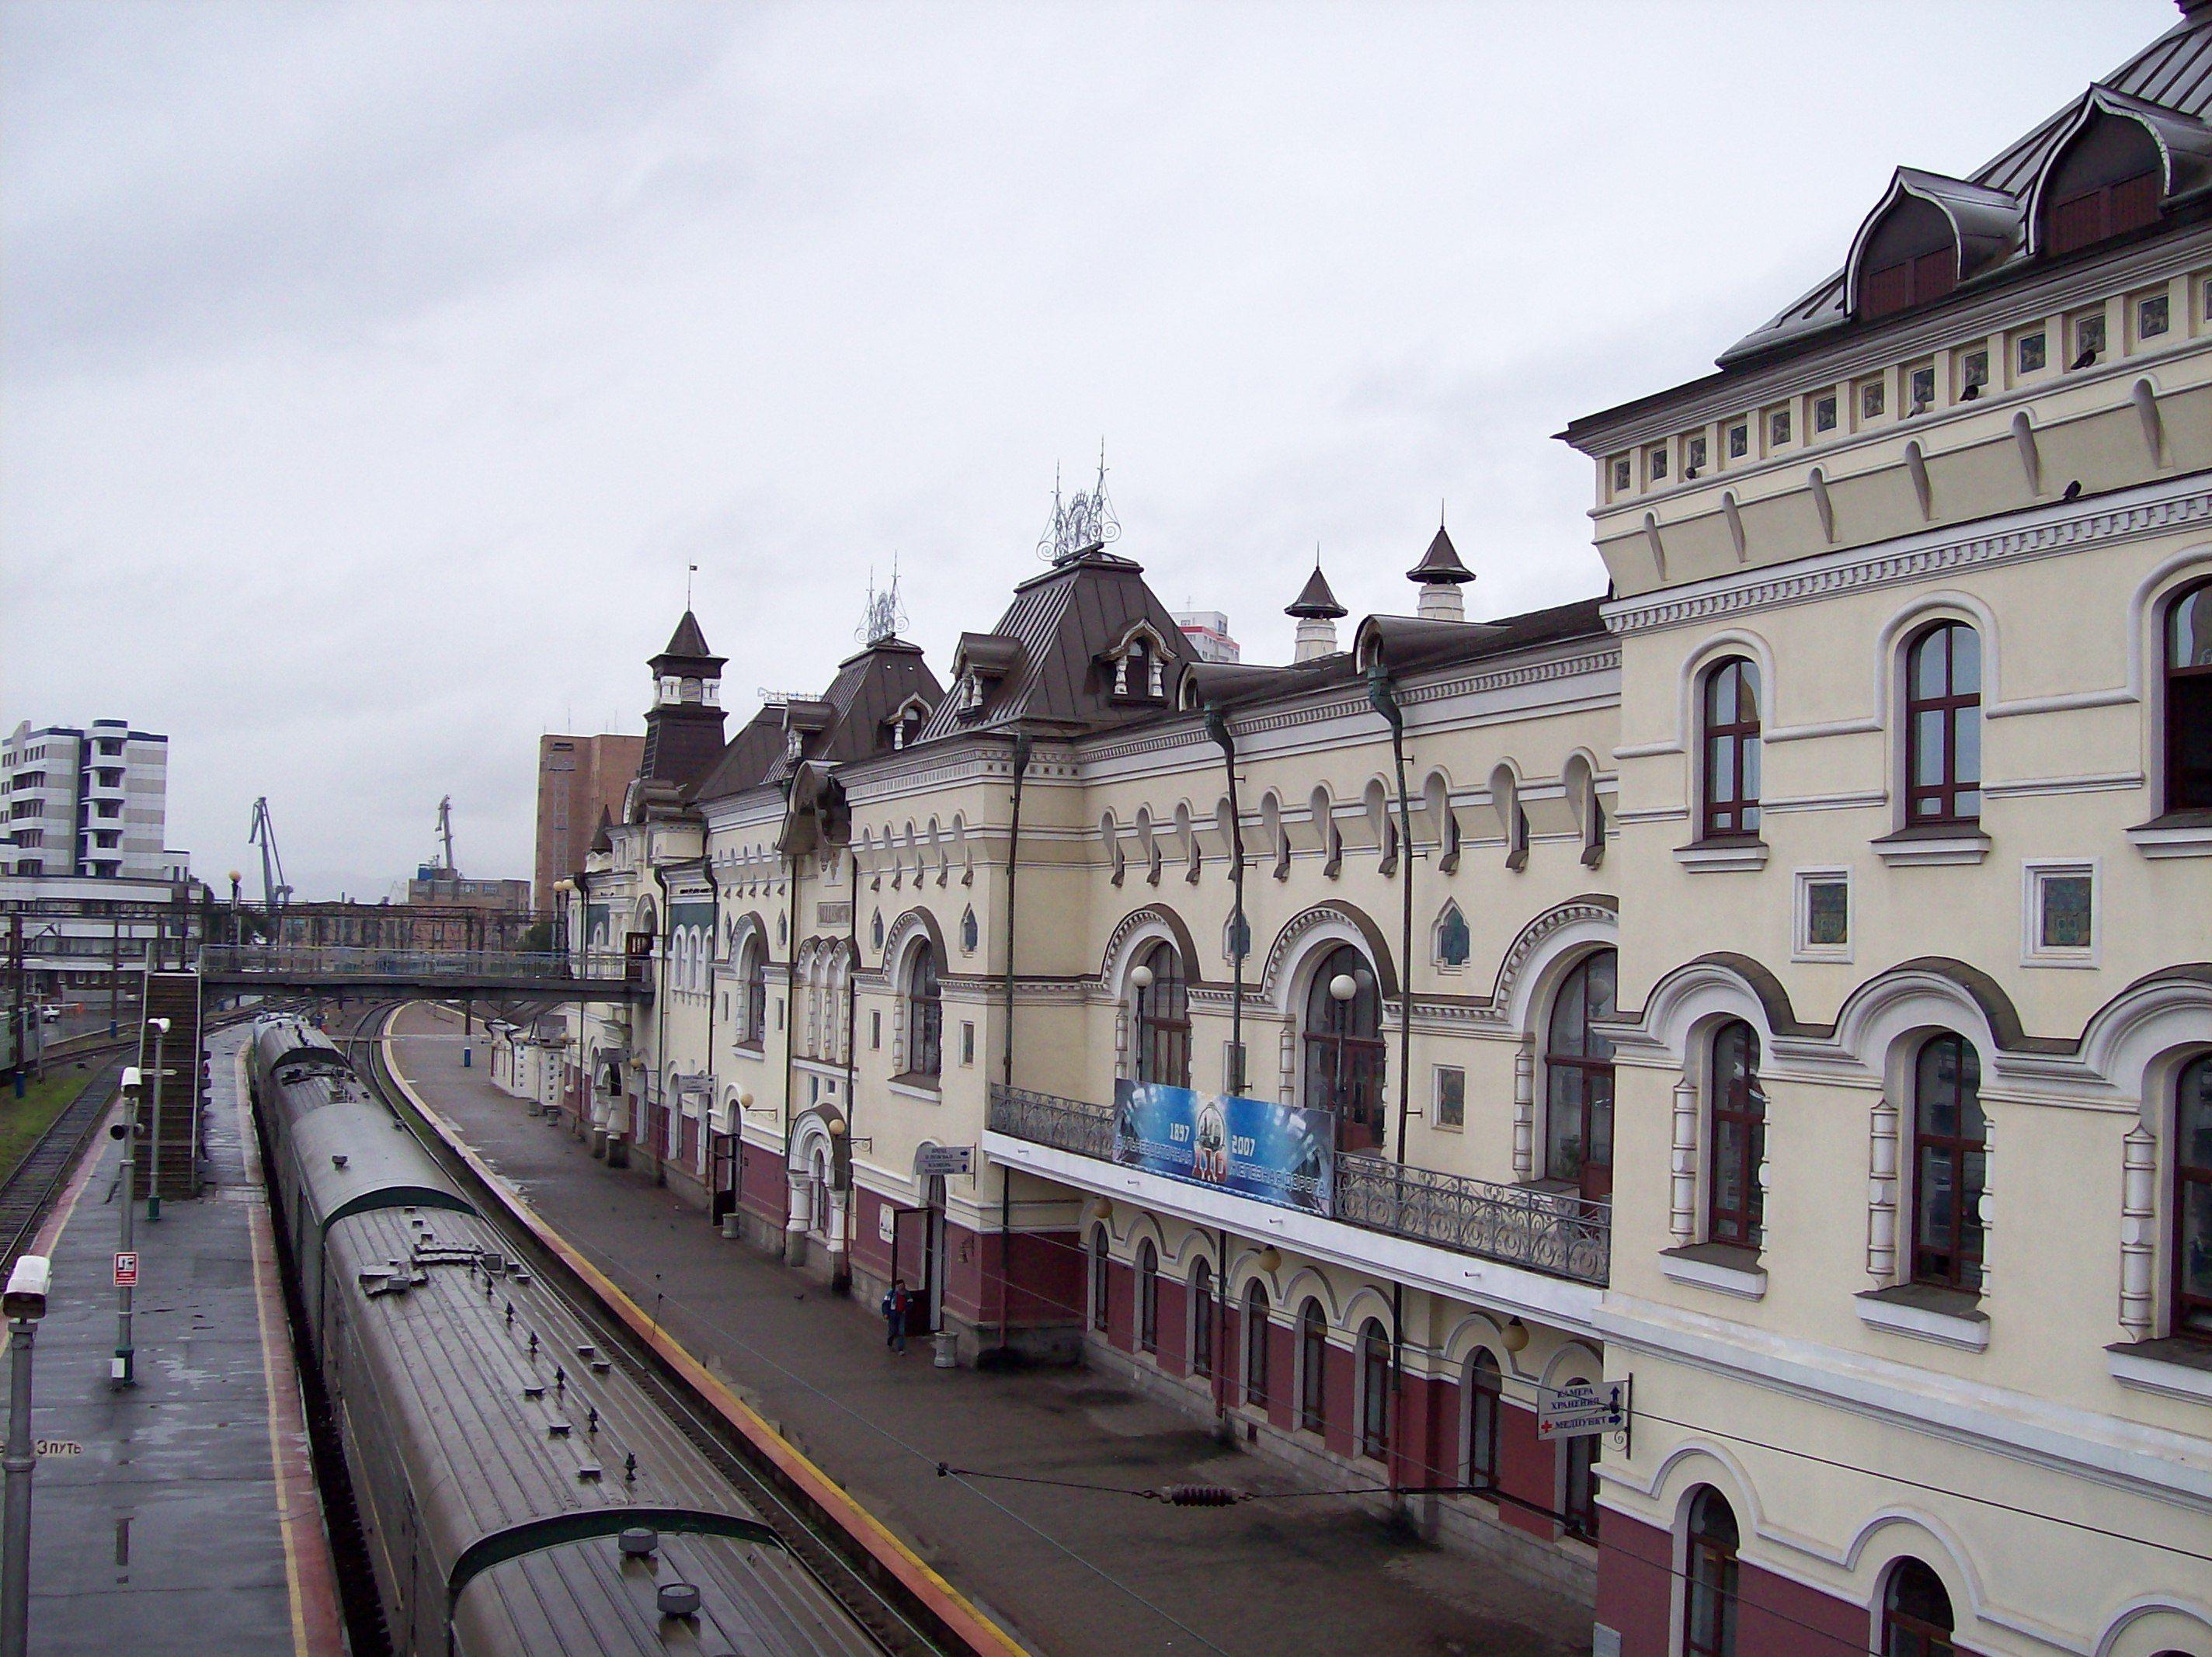 Файл:Владивосток железнодорожный вокзал.jpg — Википедия